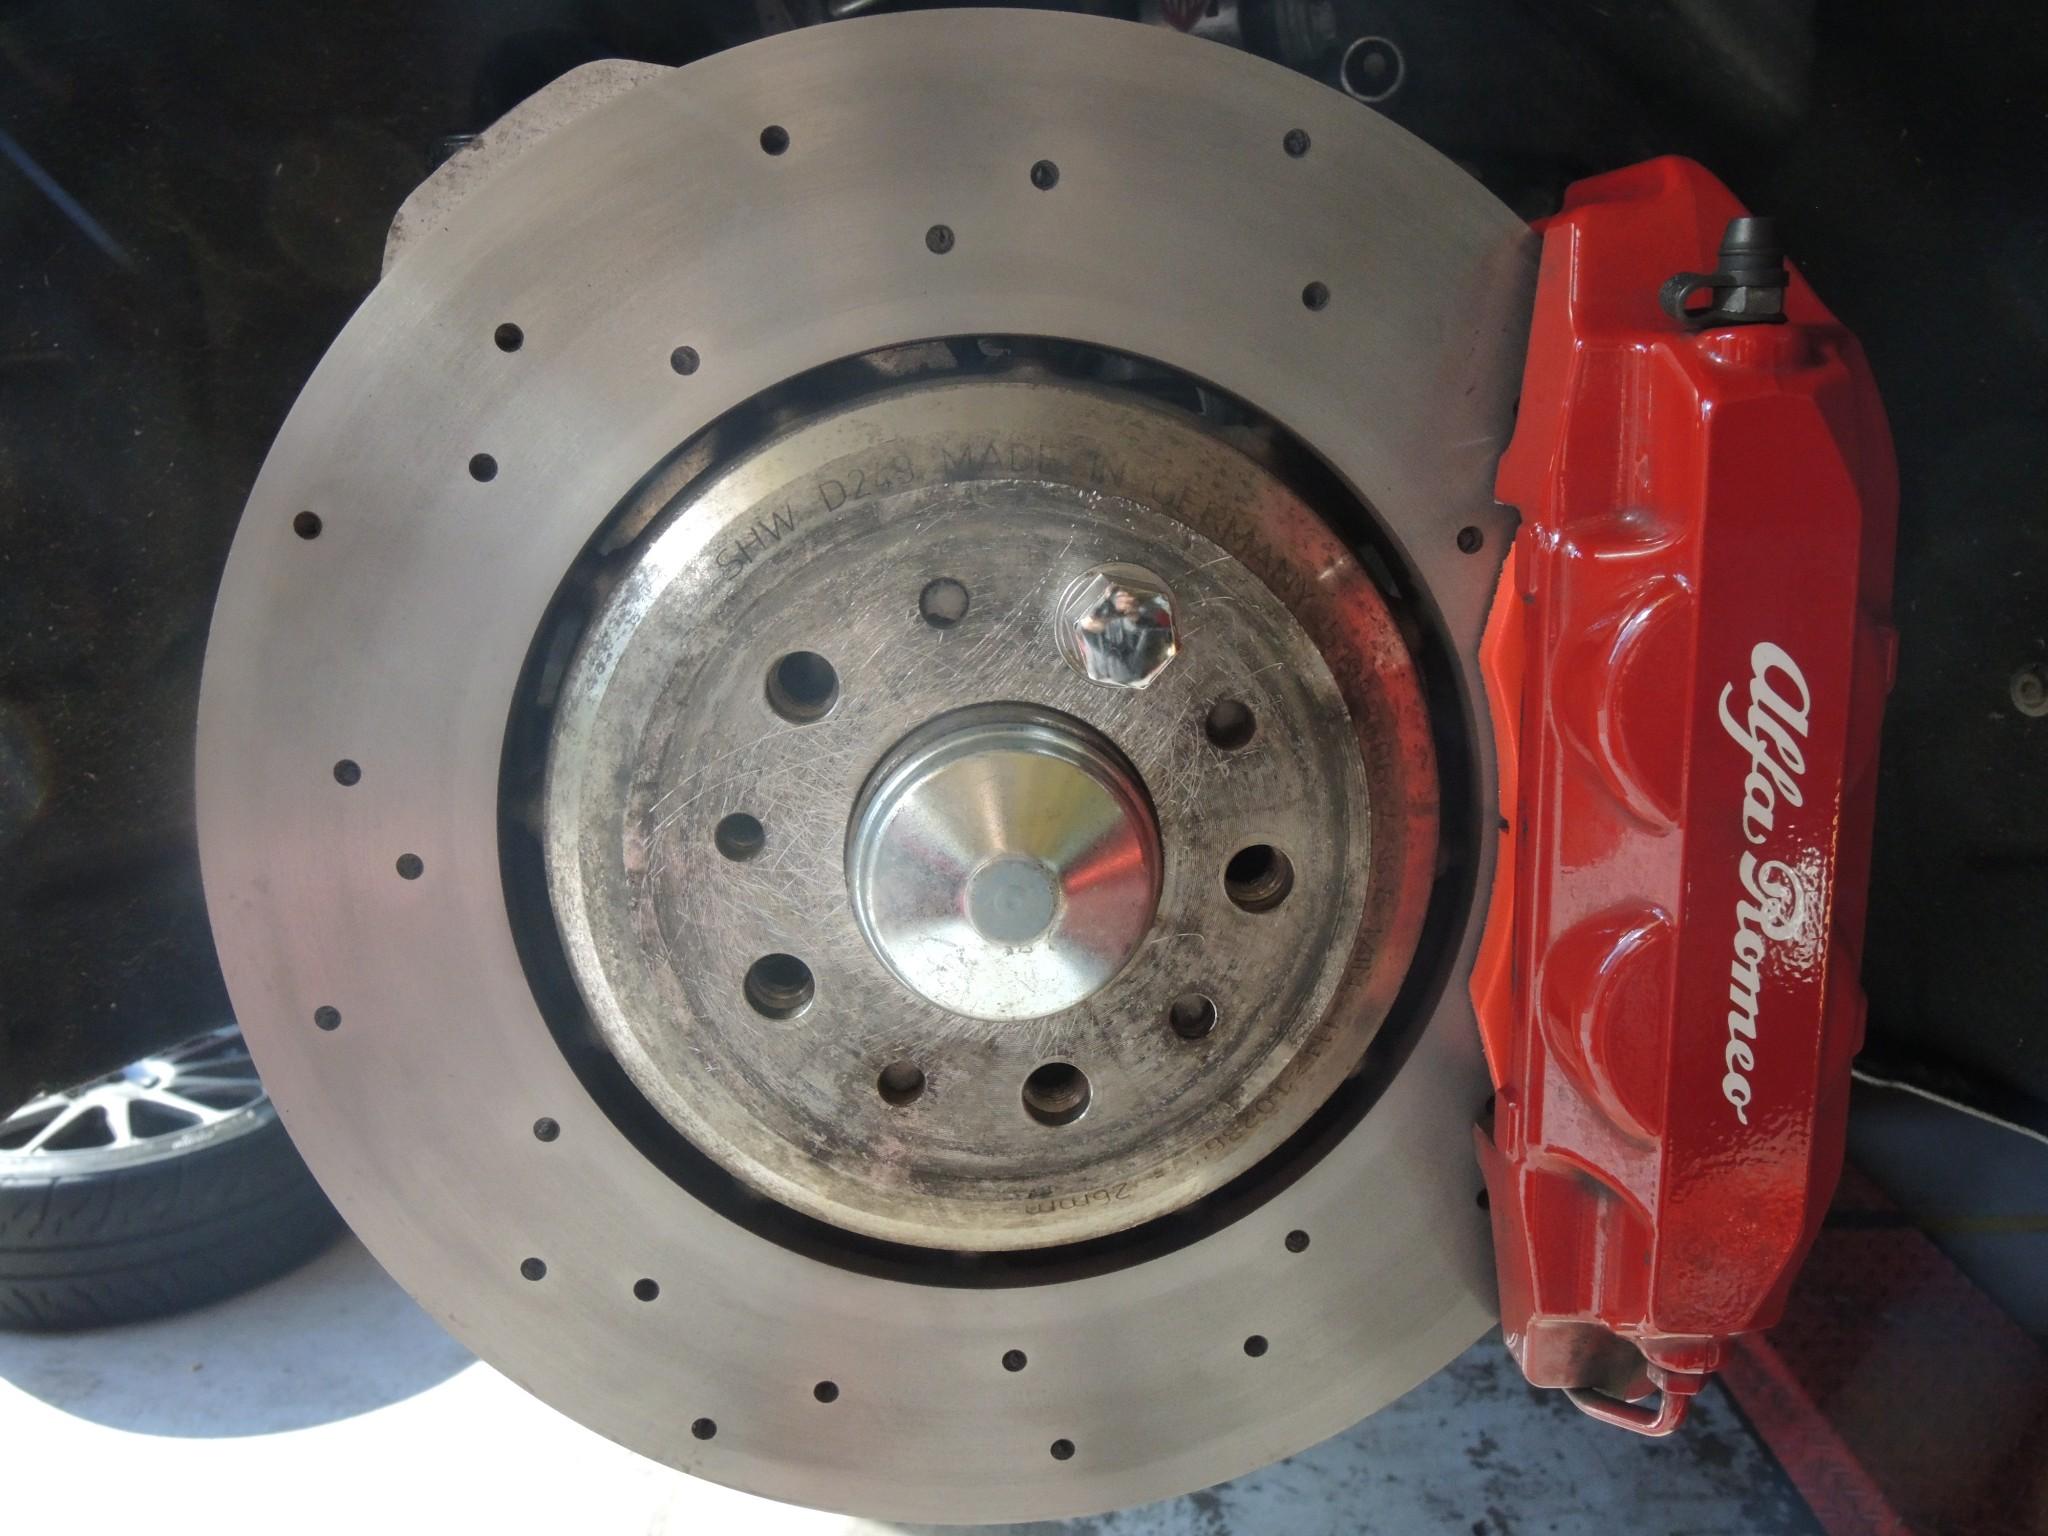 アルファロメオ4Cサーキット走行前メンテナンス ブレーキパッド交換ブレーキディスクローター研磨アライメント調整 (3)